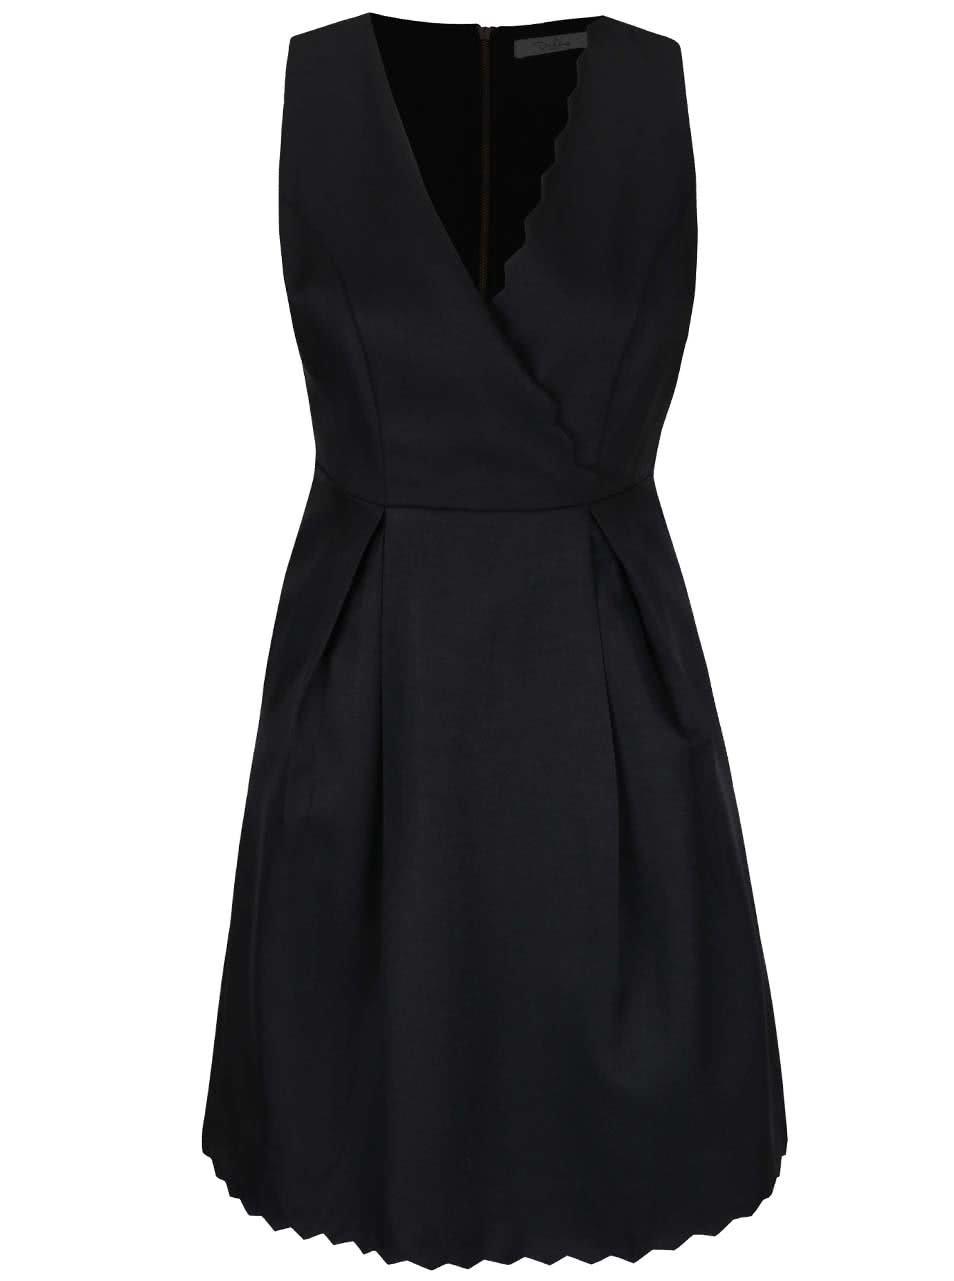 Čierne šaty s prekladaným ozdobným výstrihom Darling Blanche